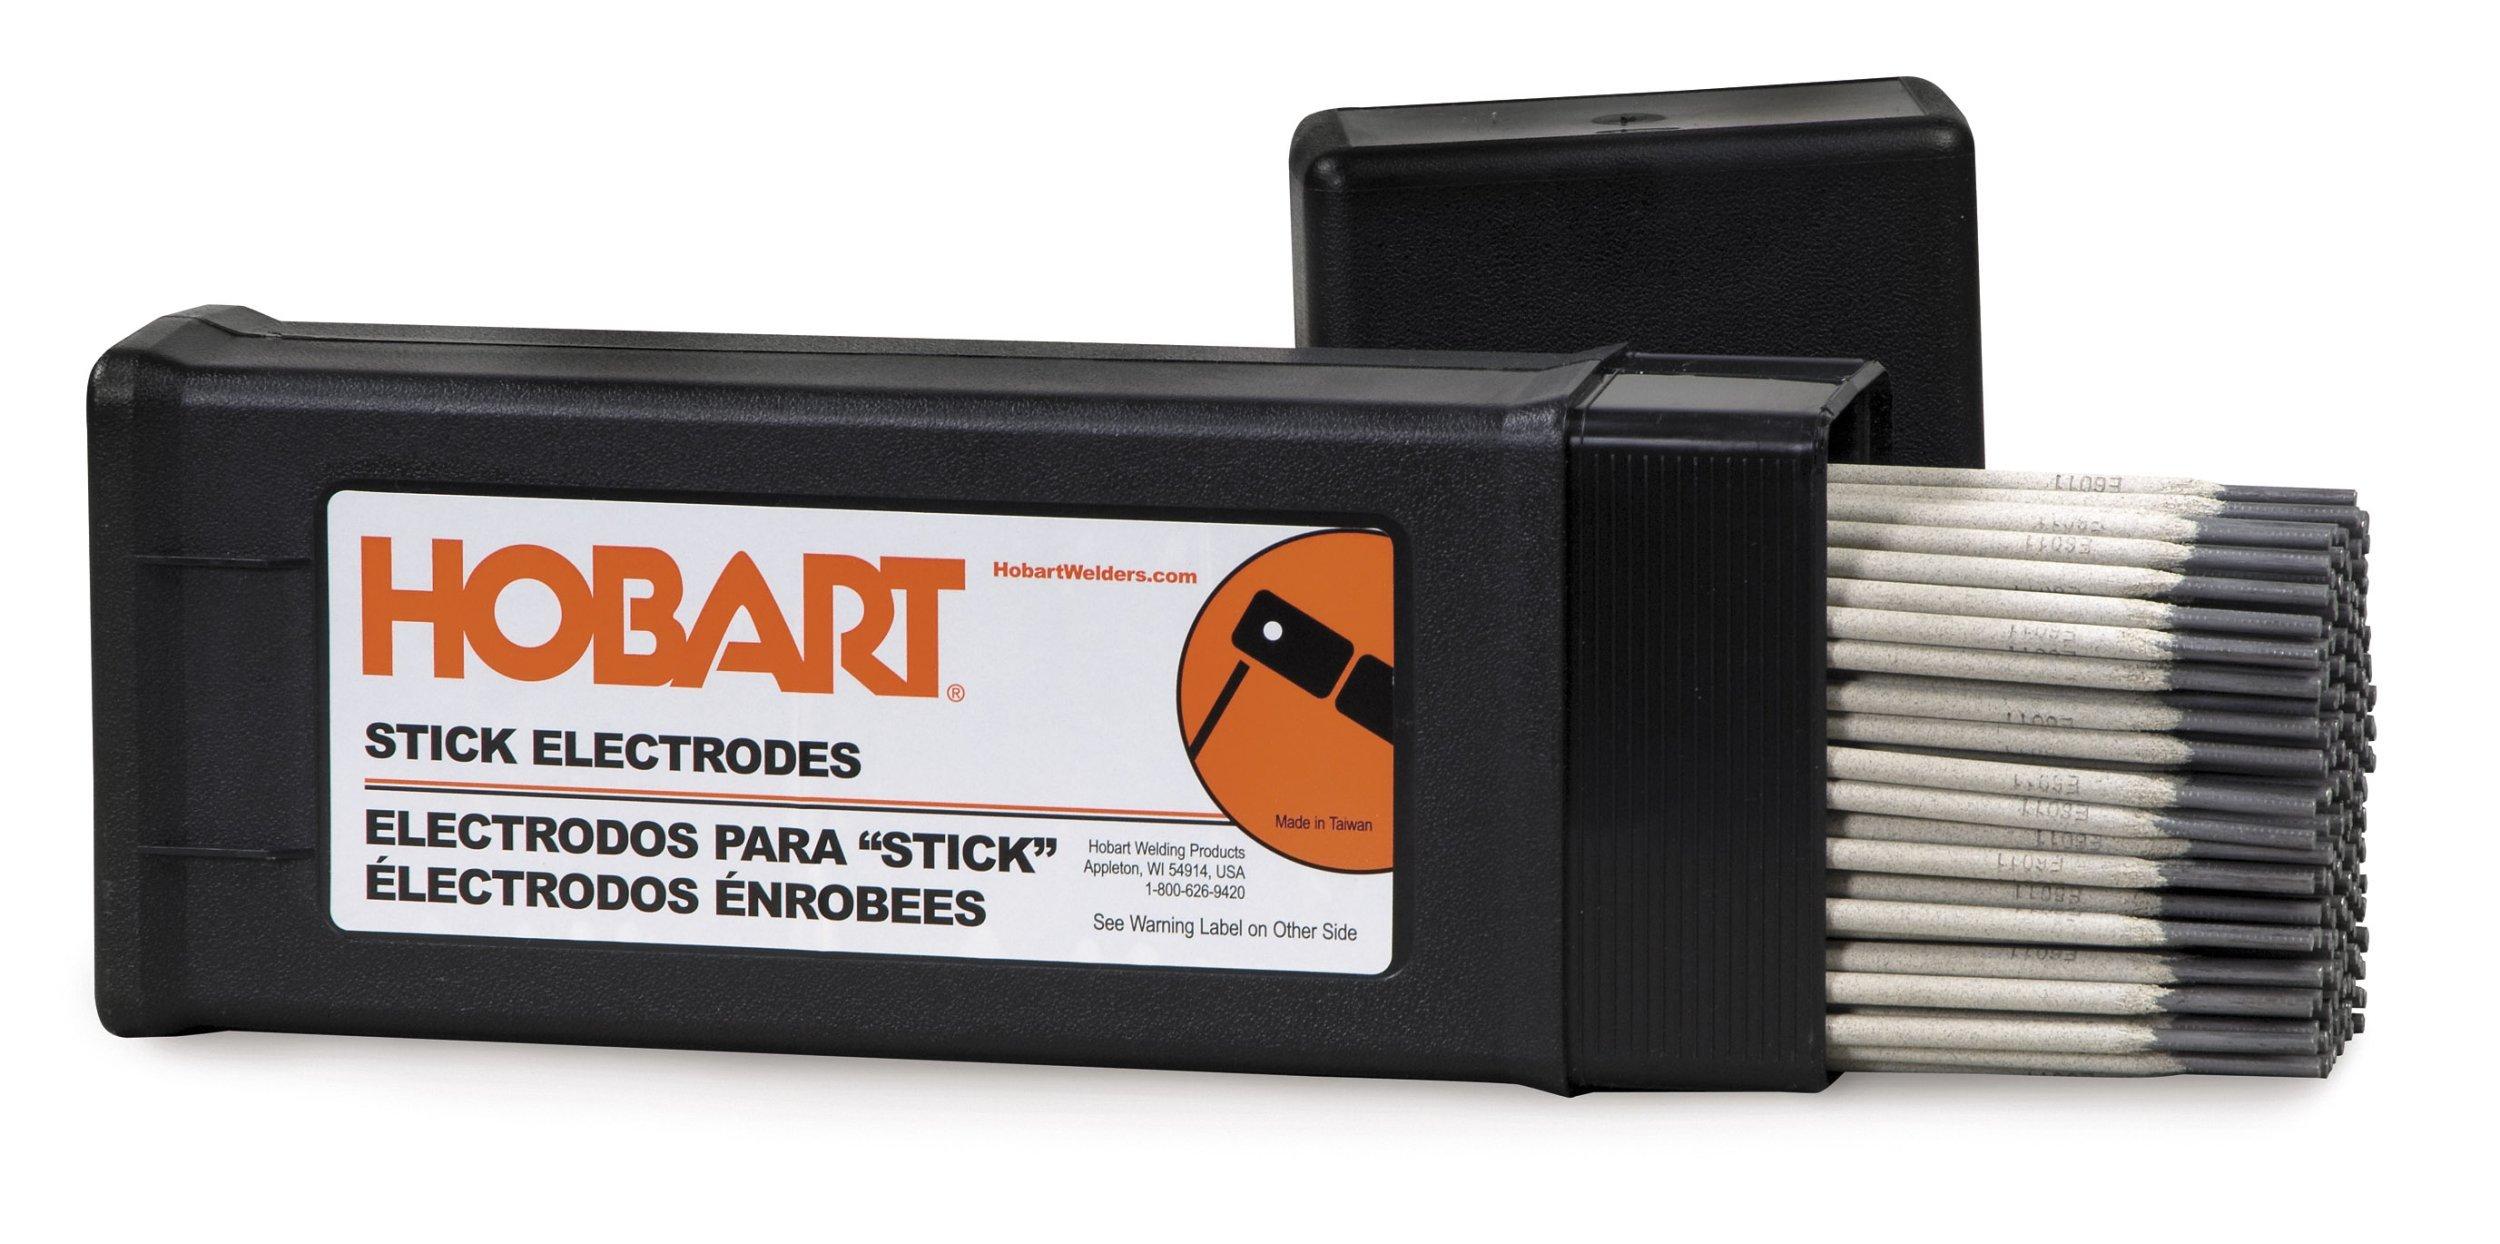 Hobart 770470 6013 Stick, 1/8-10lbs by Hobart